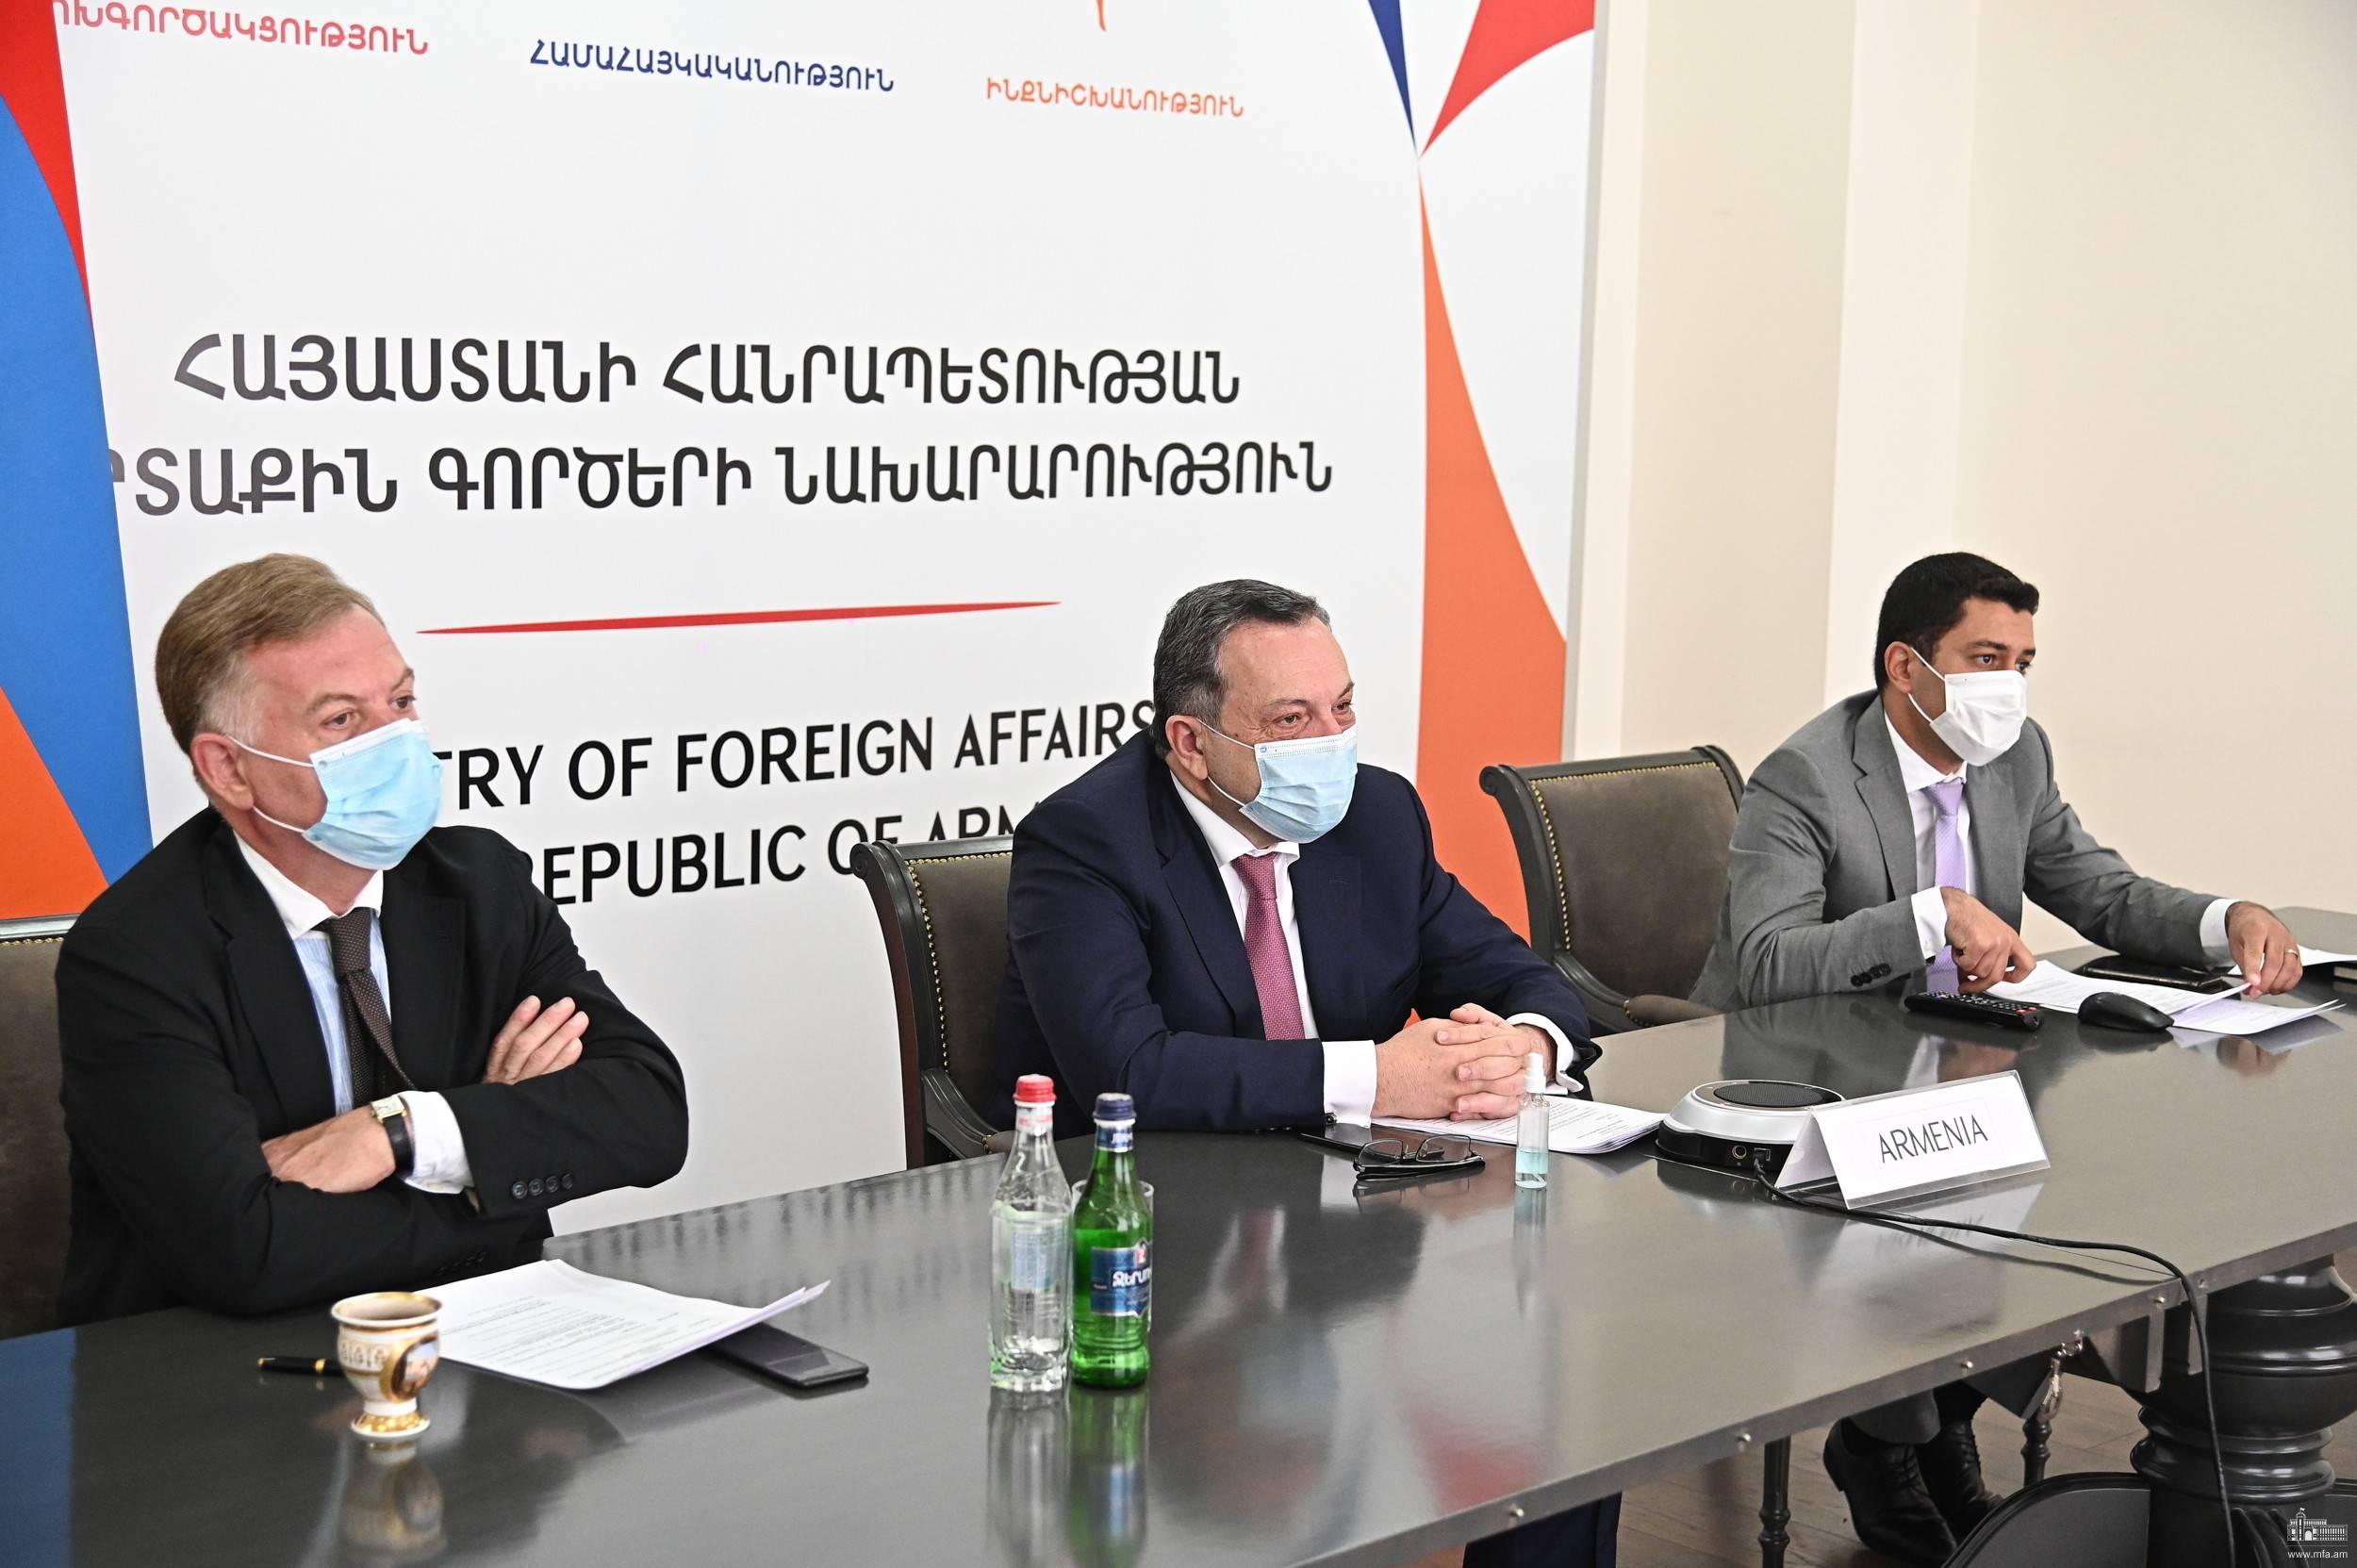 Photo of Կայացել է Հայաստան-Եվրոպայի խորհուրդ 2019-2022թթ. Գործողությունների ծրագրի Ղեկավար կոմիտեի հեռավար հանդիպումը